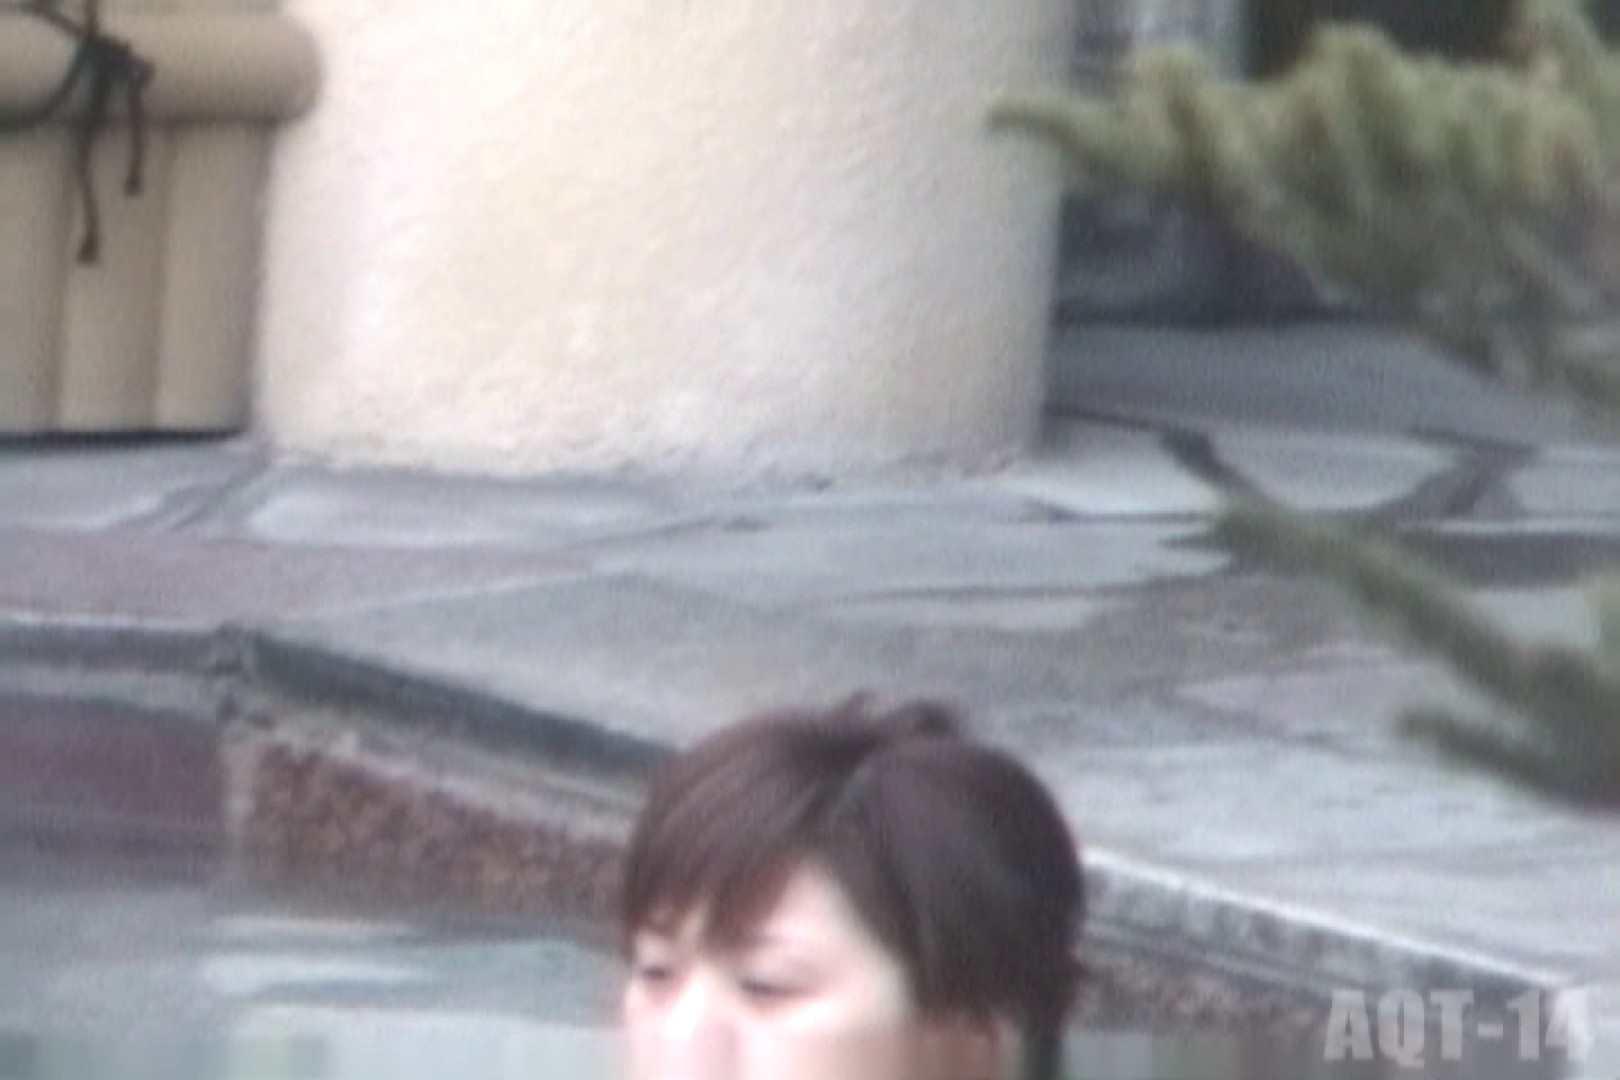 Aquaな露天風呂Vol.821 美しいOLの裸体 オメコ無修正動画無料 78pic 35